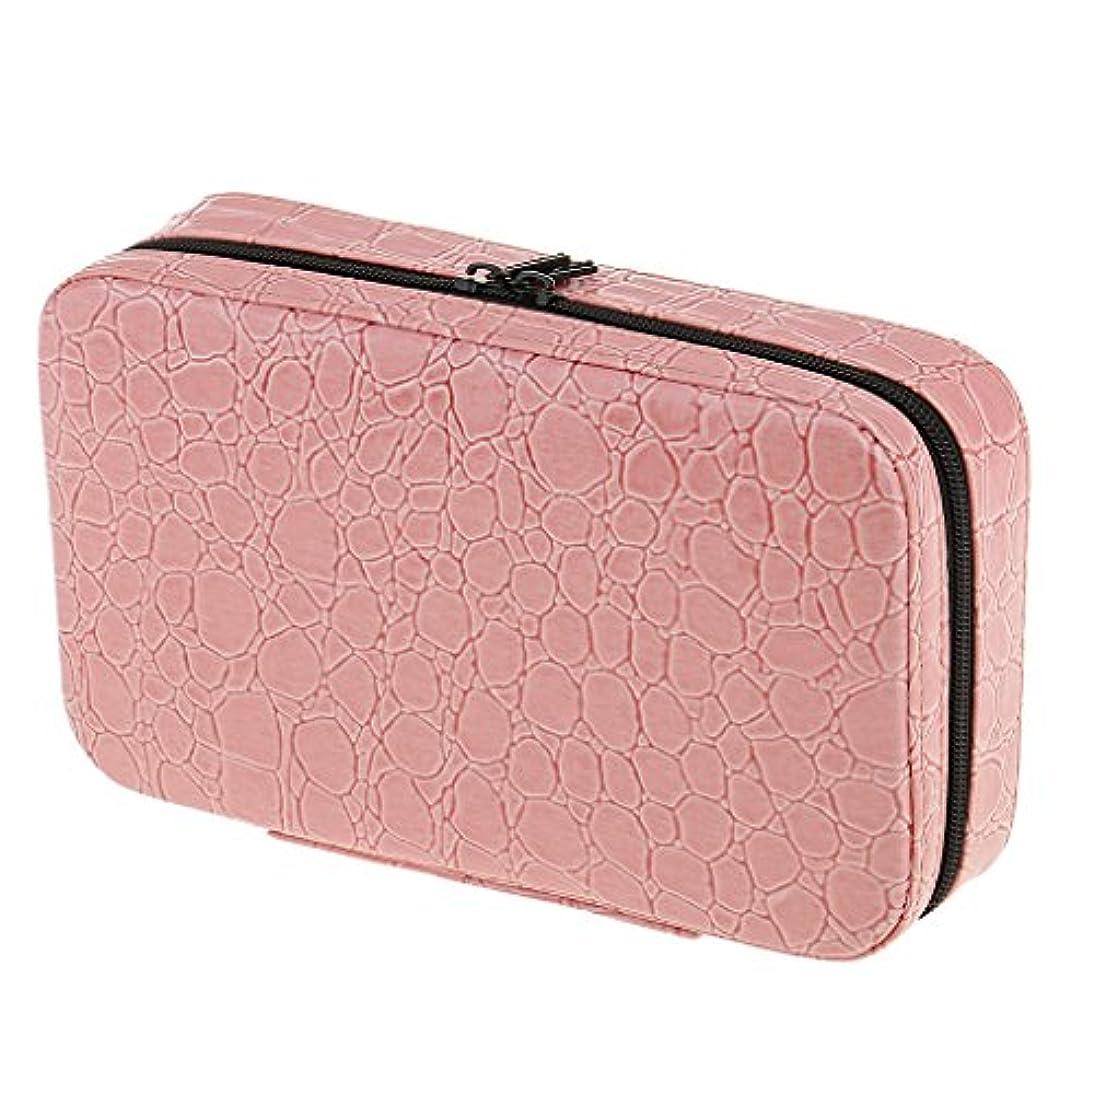 スリップシューズ魂戦争P Prettyia 収納バッグ ケース エッセンシャルオイル 精油 大容量 精油収納 携帯用 アロマケース PUレザー 全5色 - ピンク